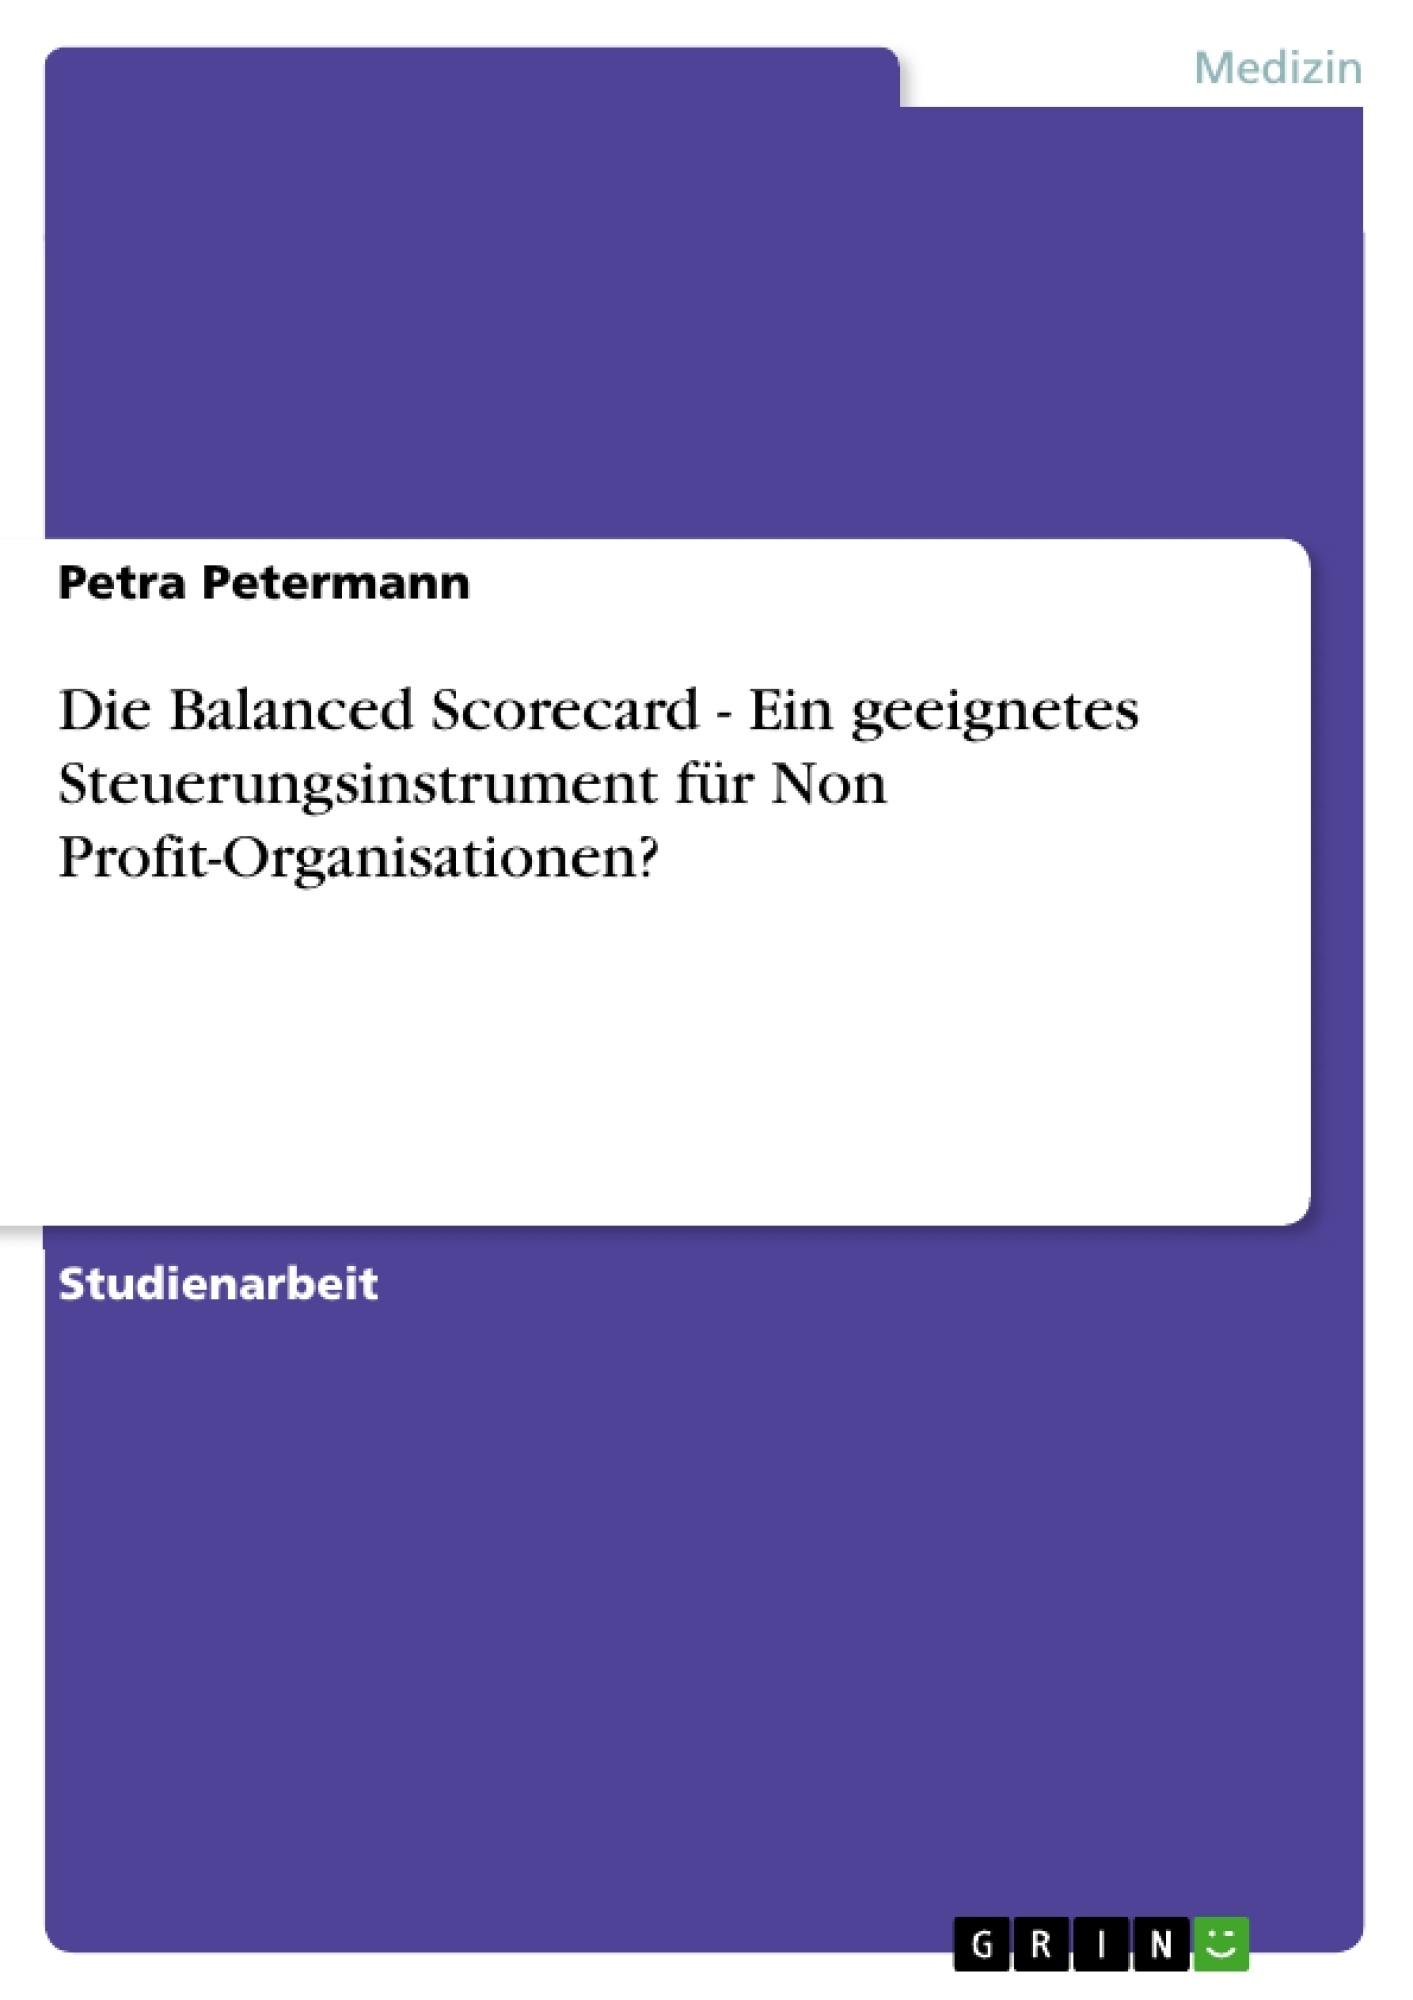 Titel: Die Balanced Scorecard - Ein geeignetes Steuerungsinstrument für Non Profit-Organisationen?